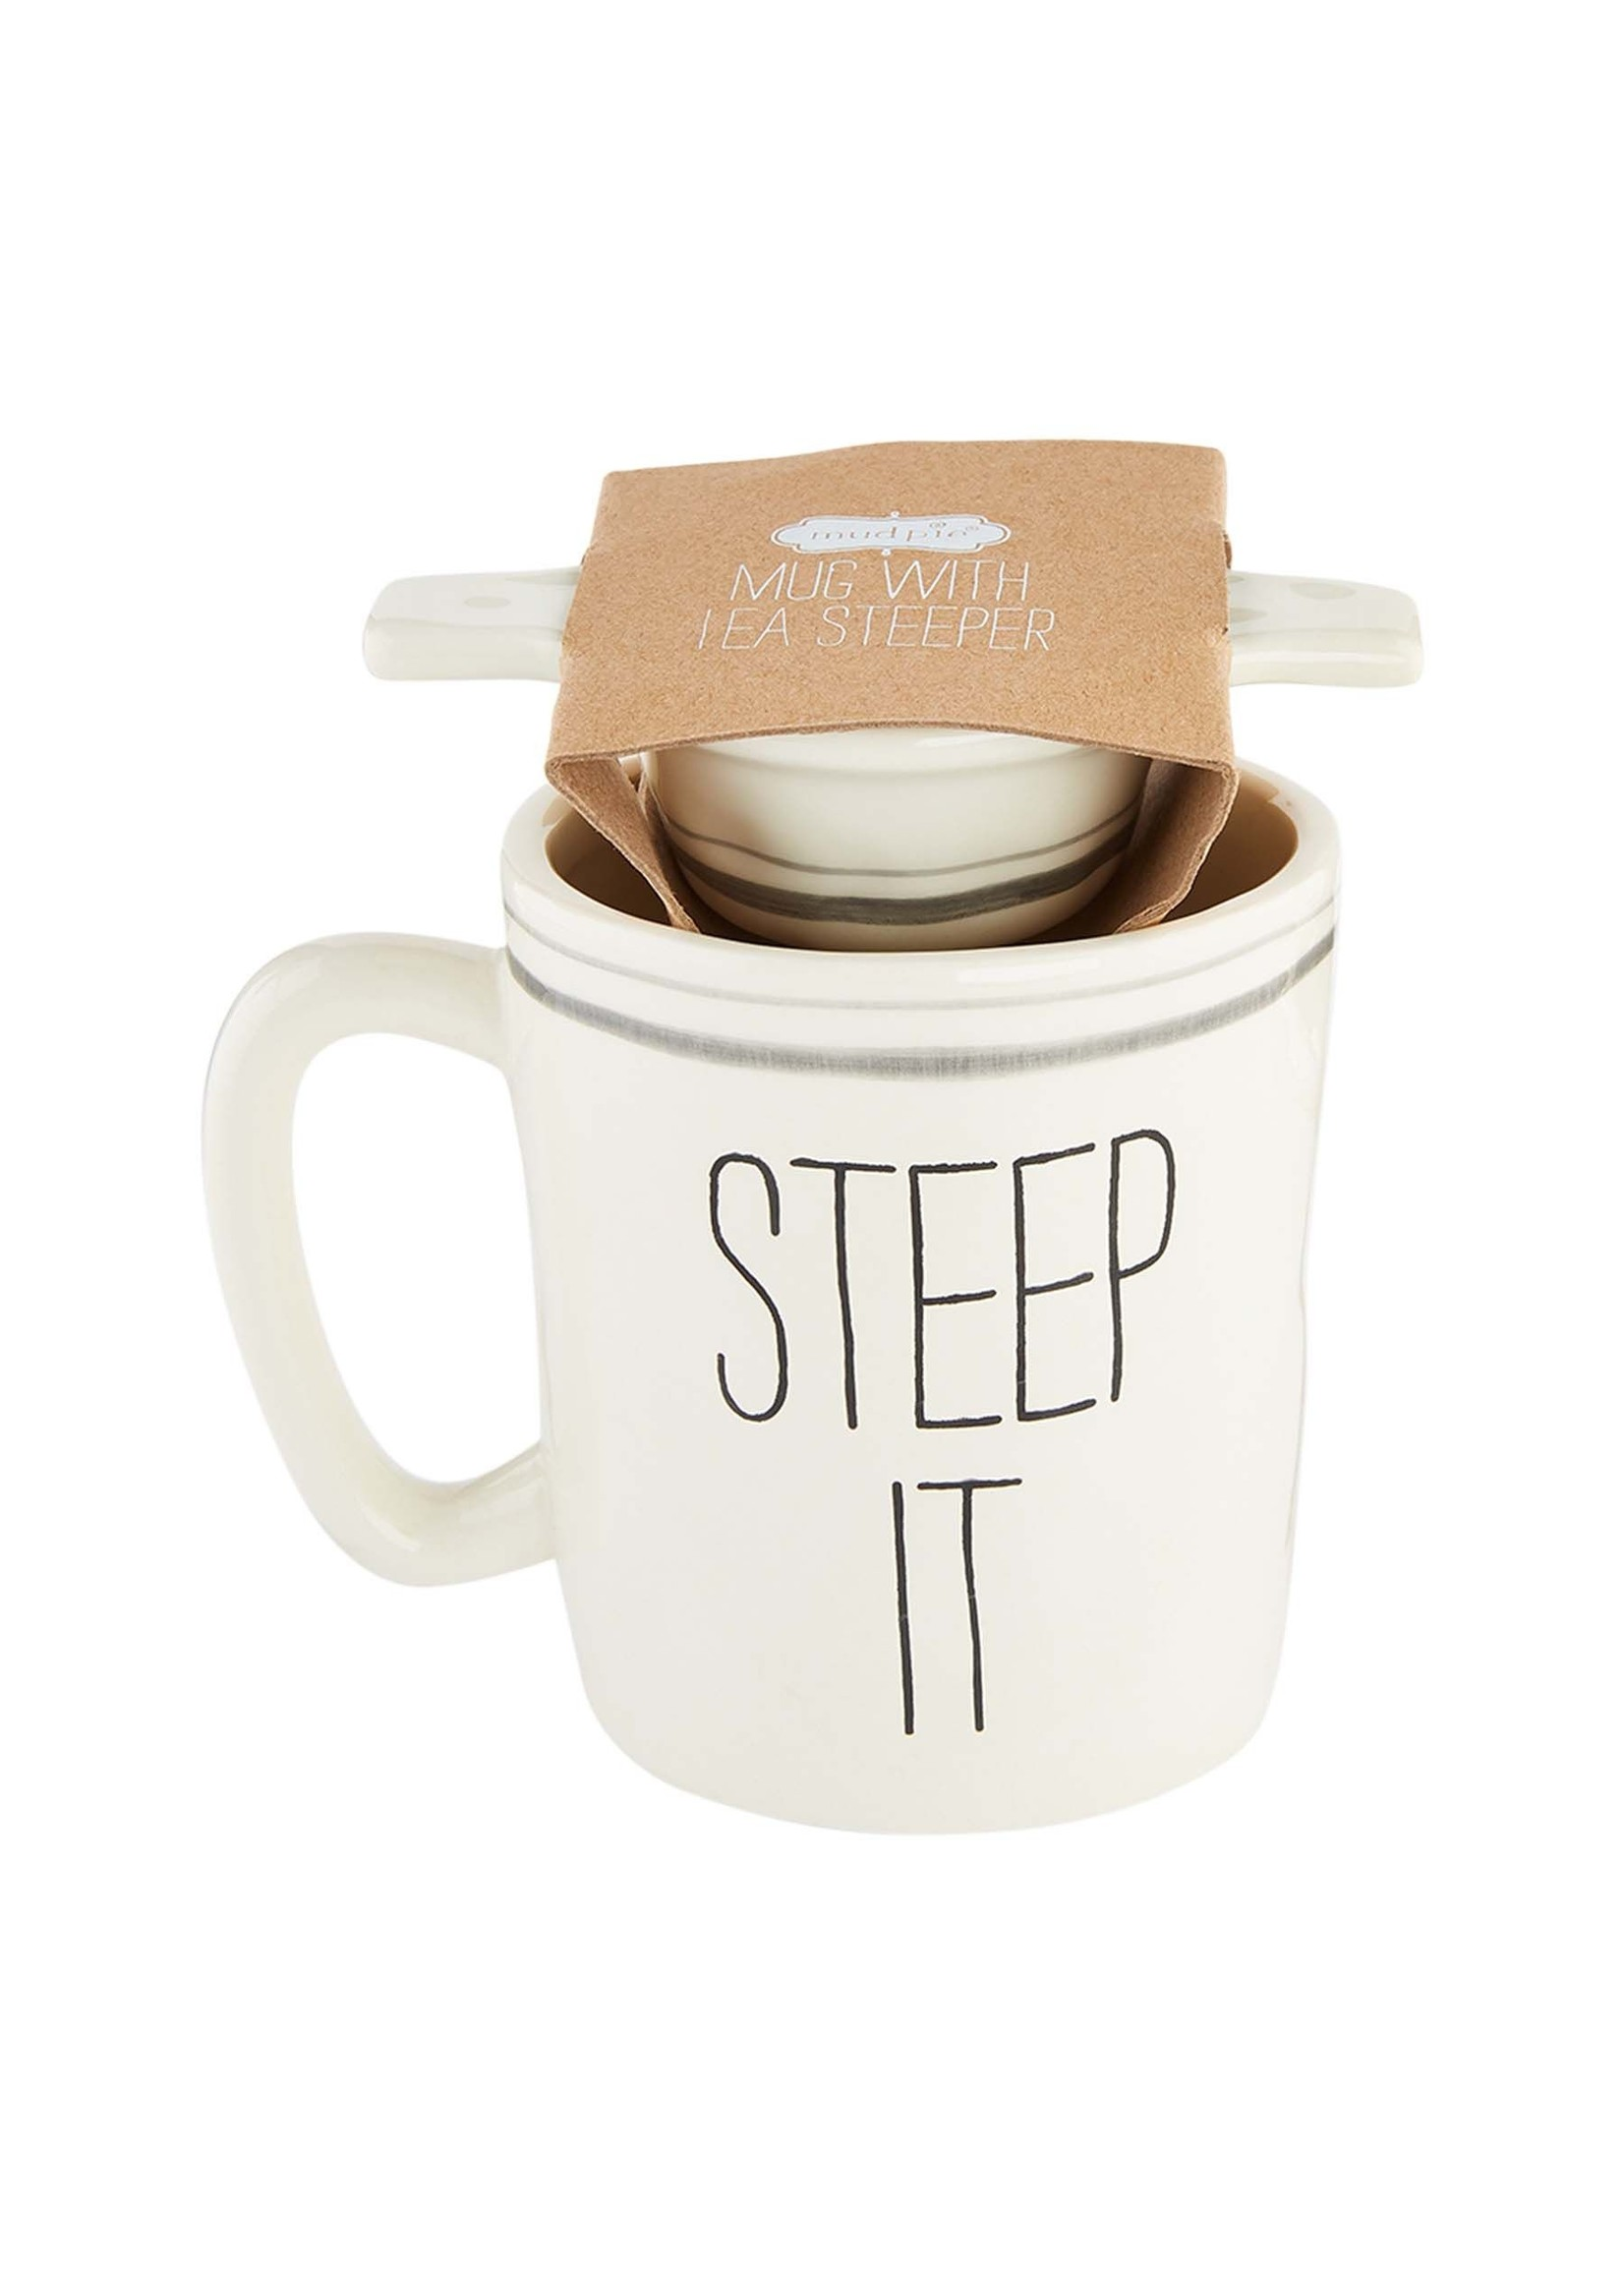 """Mud Pie """"Steep It"""" Mug and Tea Strainer"""